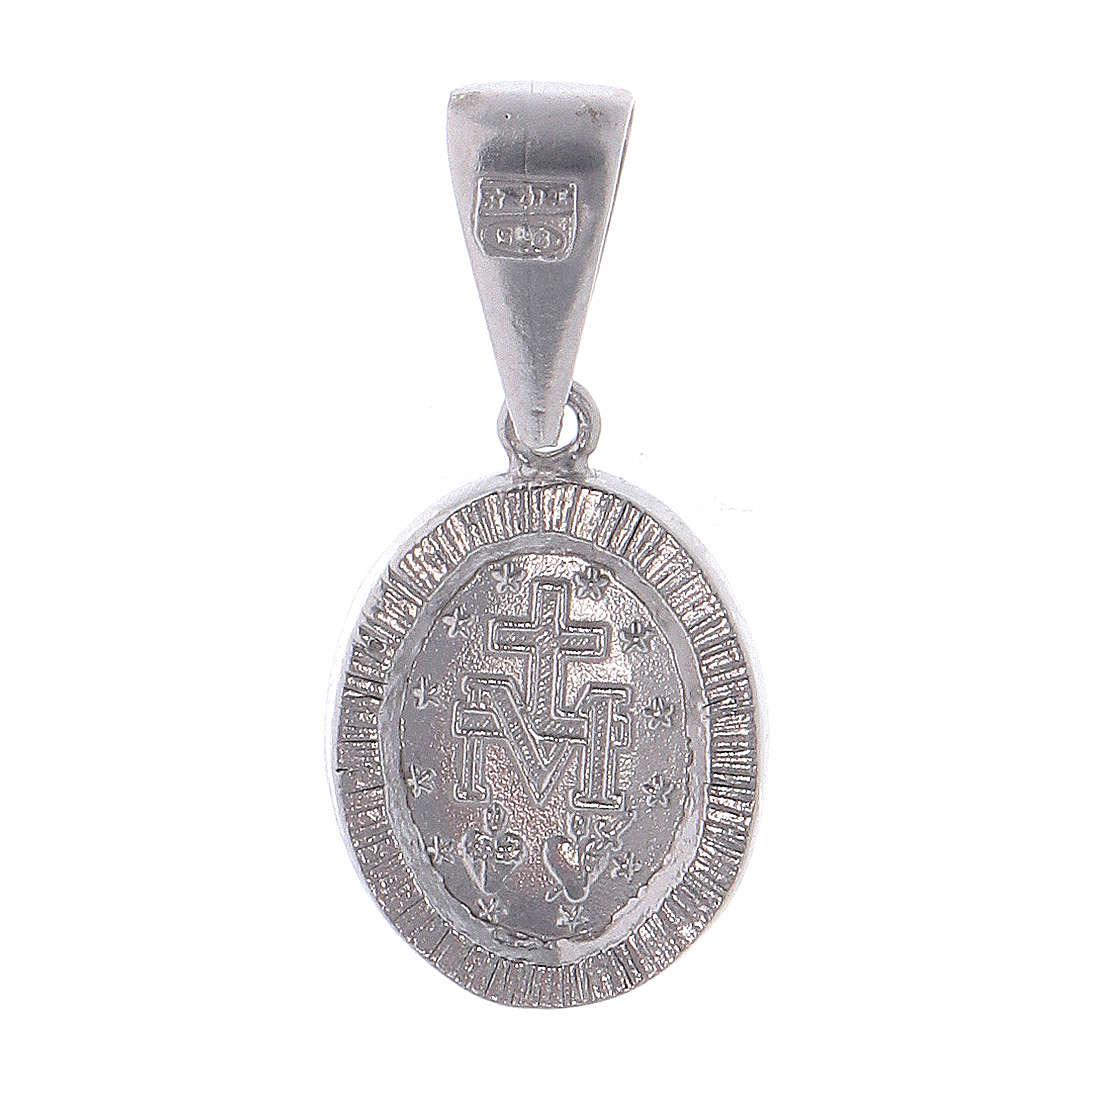 Medalha Milagrosa em prata 925 com zircões transparentes 4